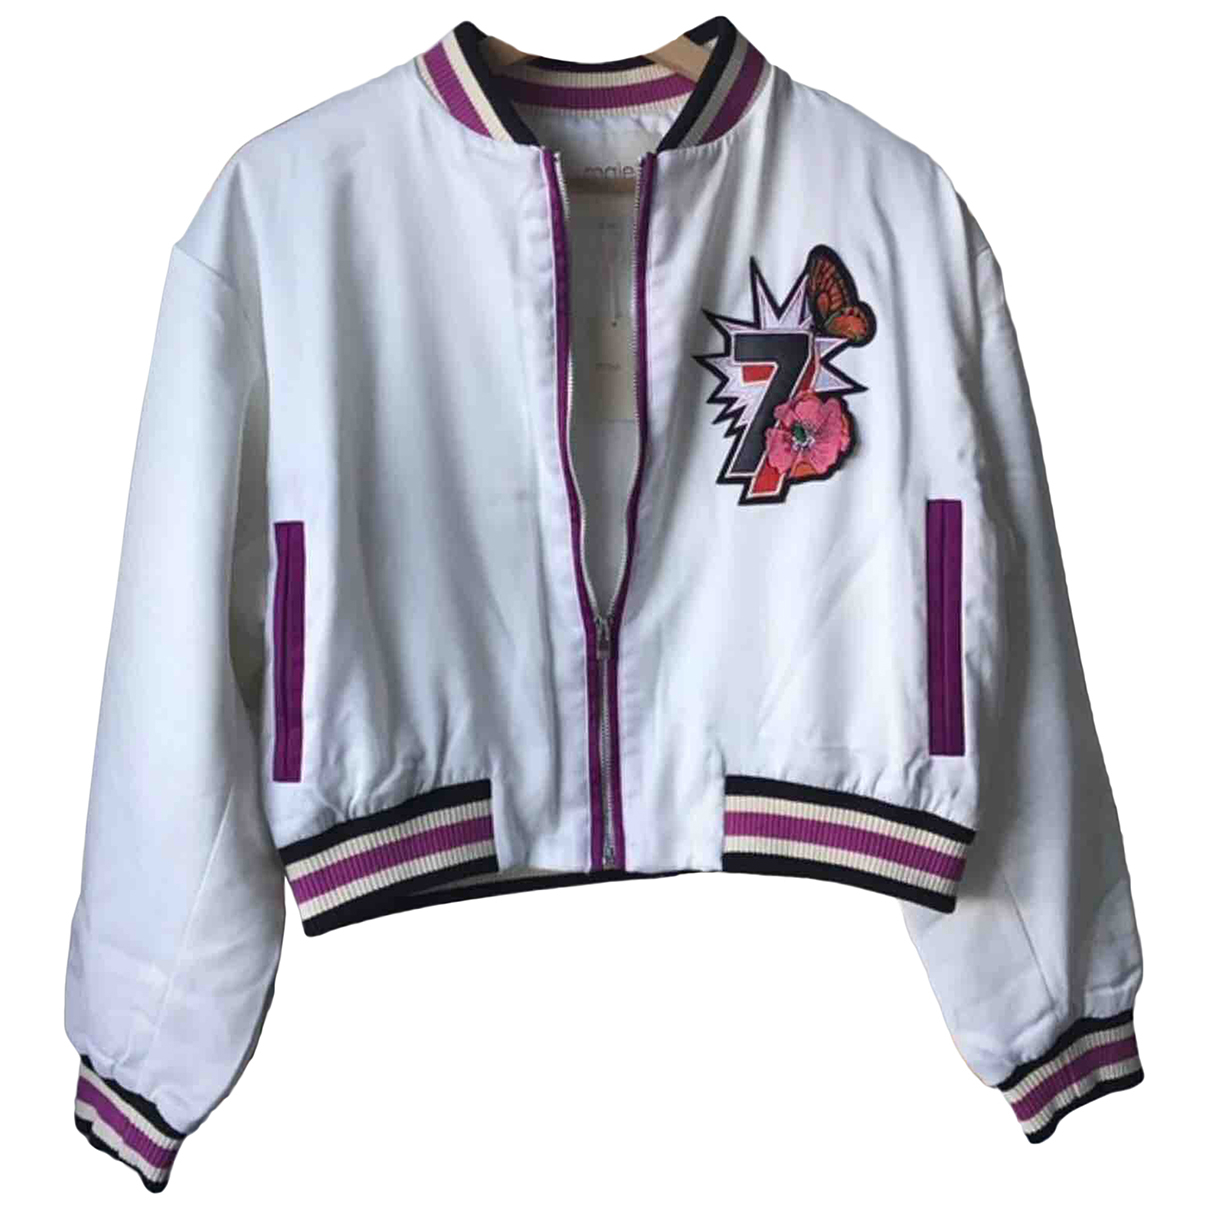 Maje Spring Summer 2019 White jacket for Women 38 FR